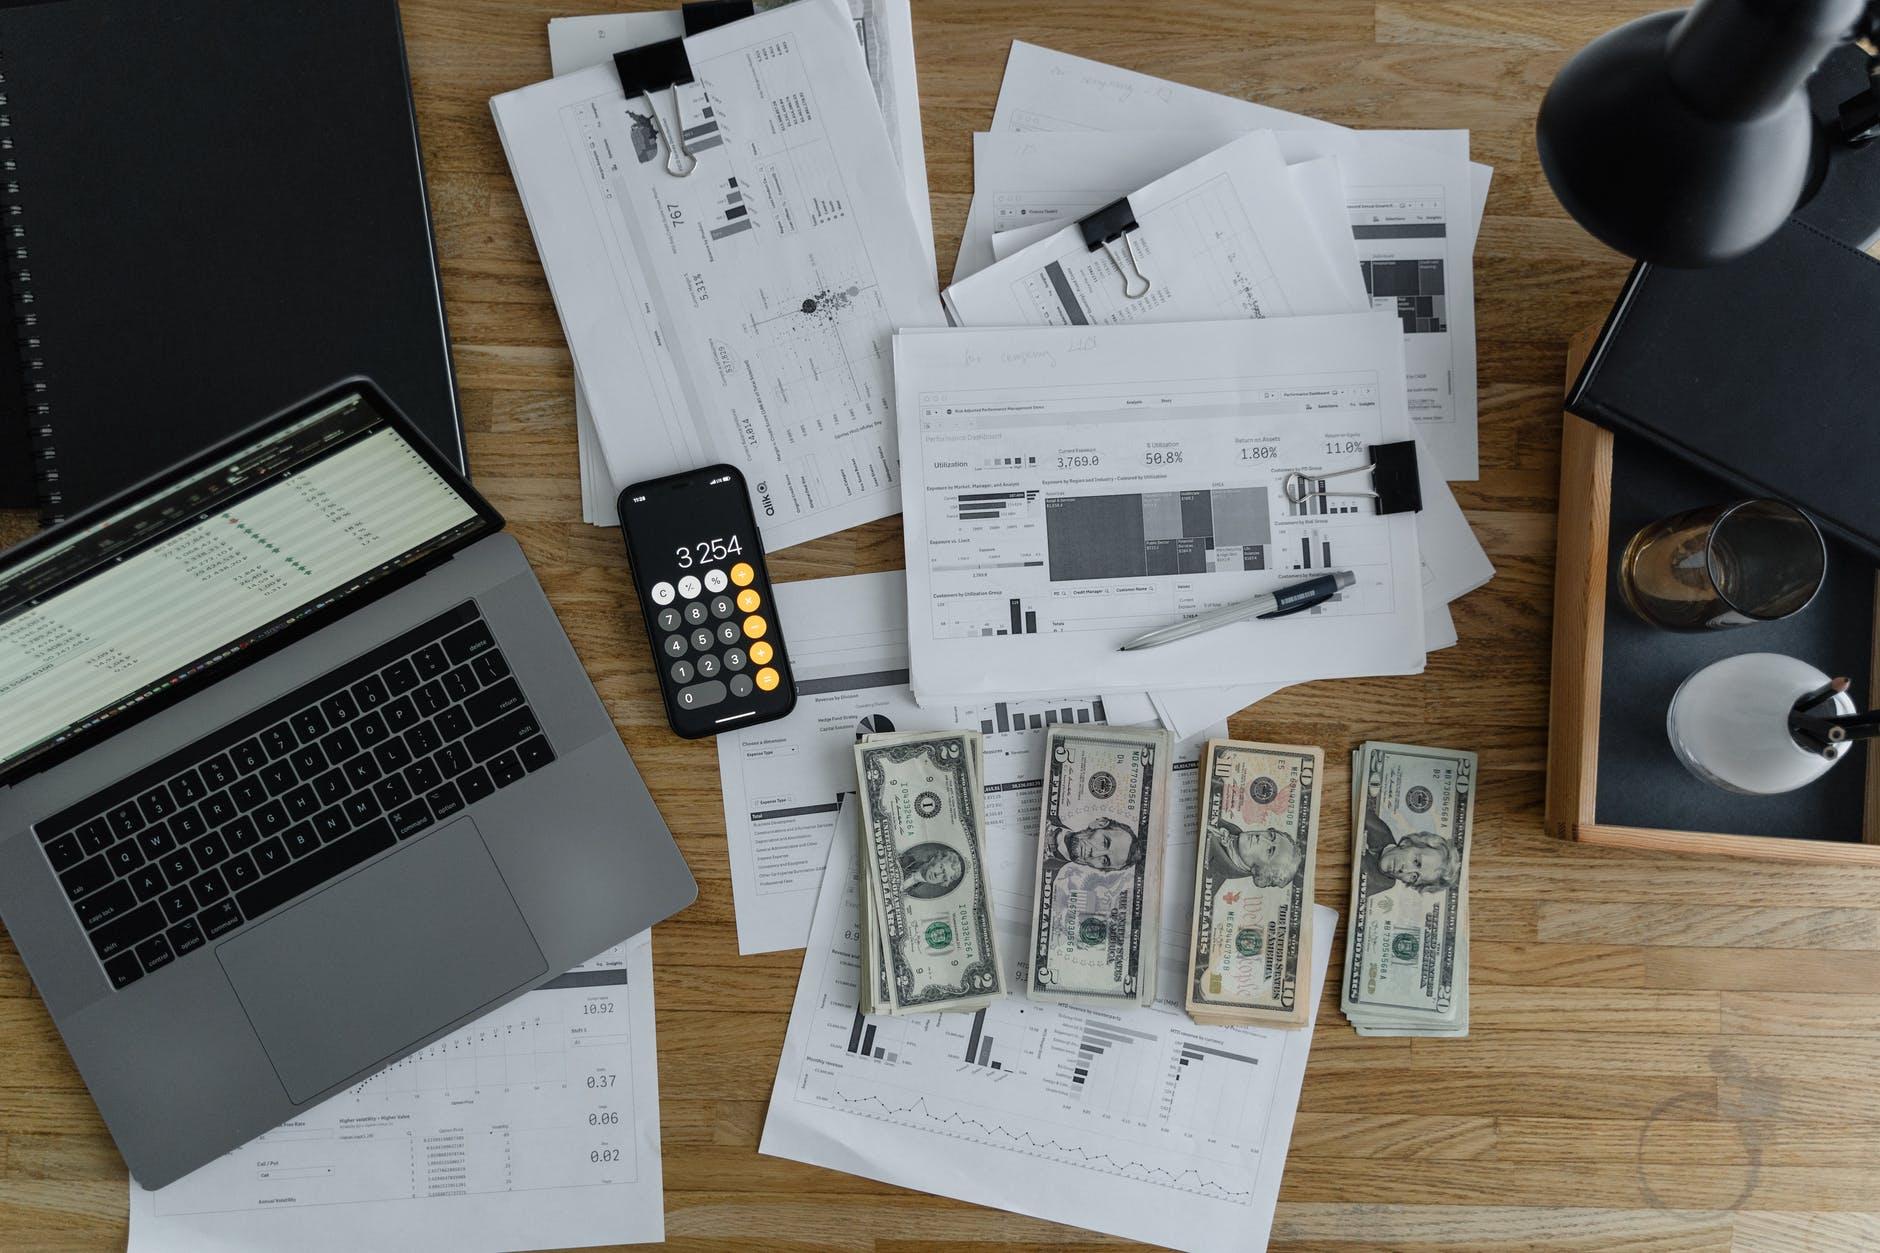 Programas para hacer contabilidad de empresa